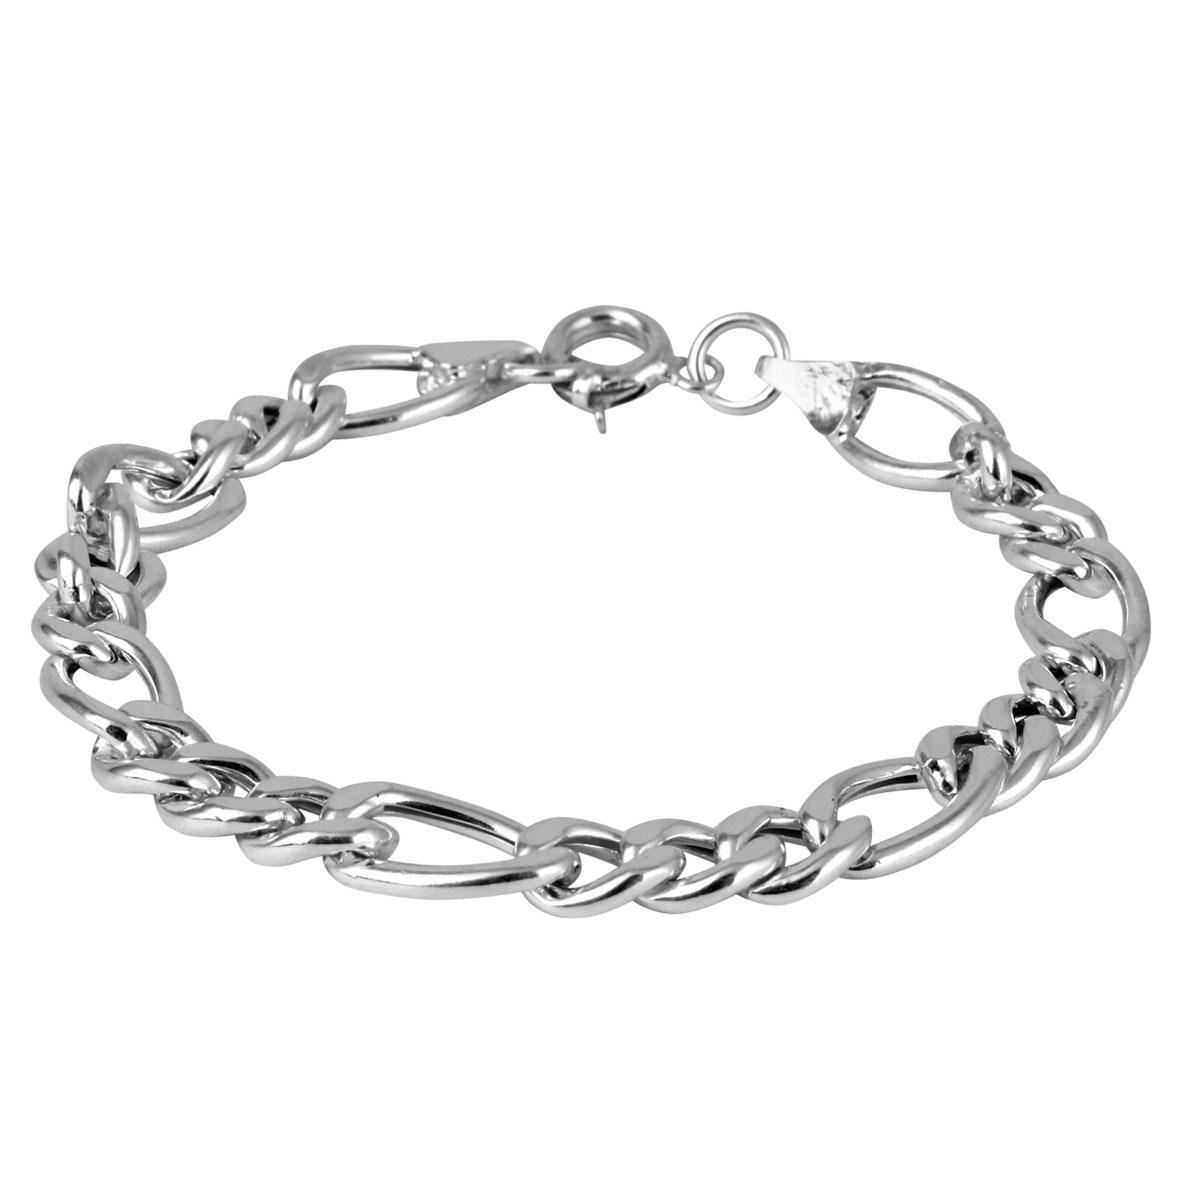 خرید دستبند نقره مردانه مدل کارا